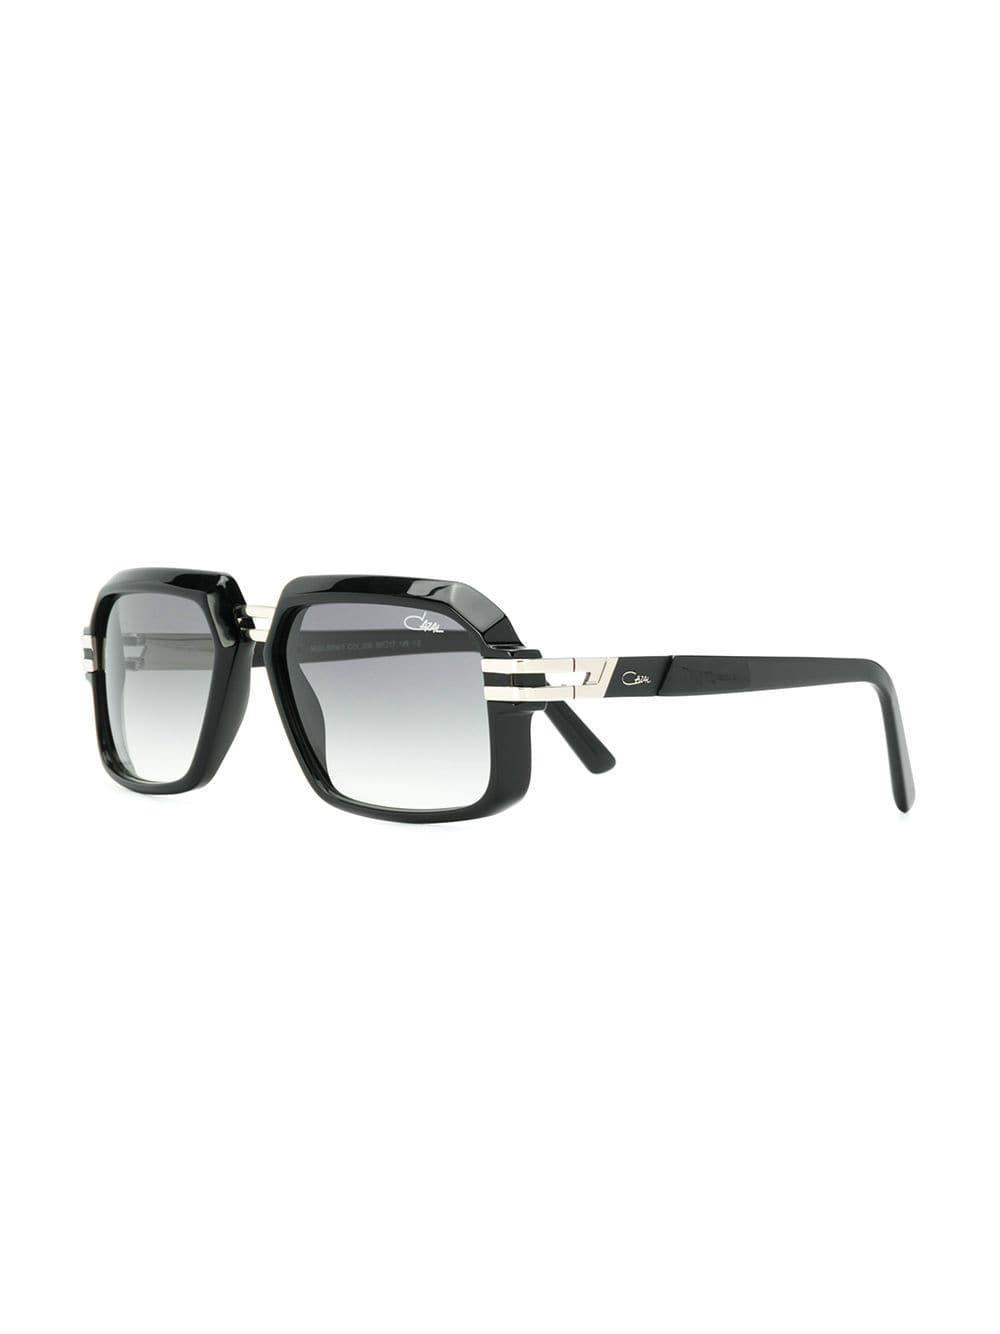 d16f1d7e82b Cazal - Black Oversized Frame Sunglasses for Men - Lyst. View fullscreen